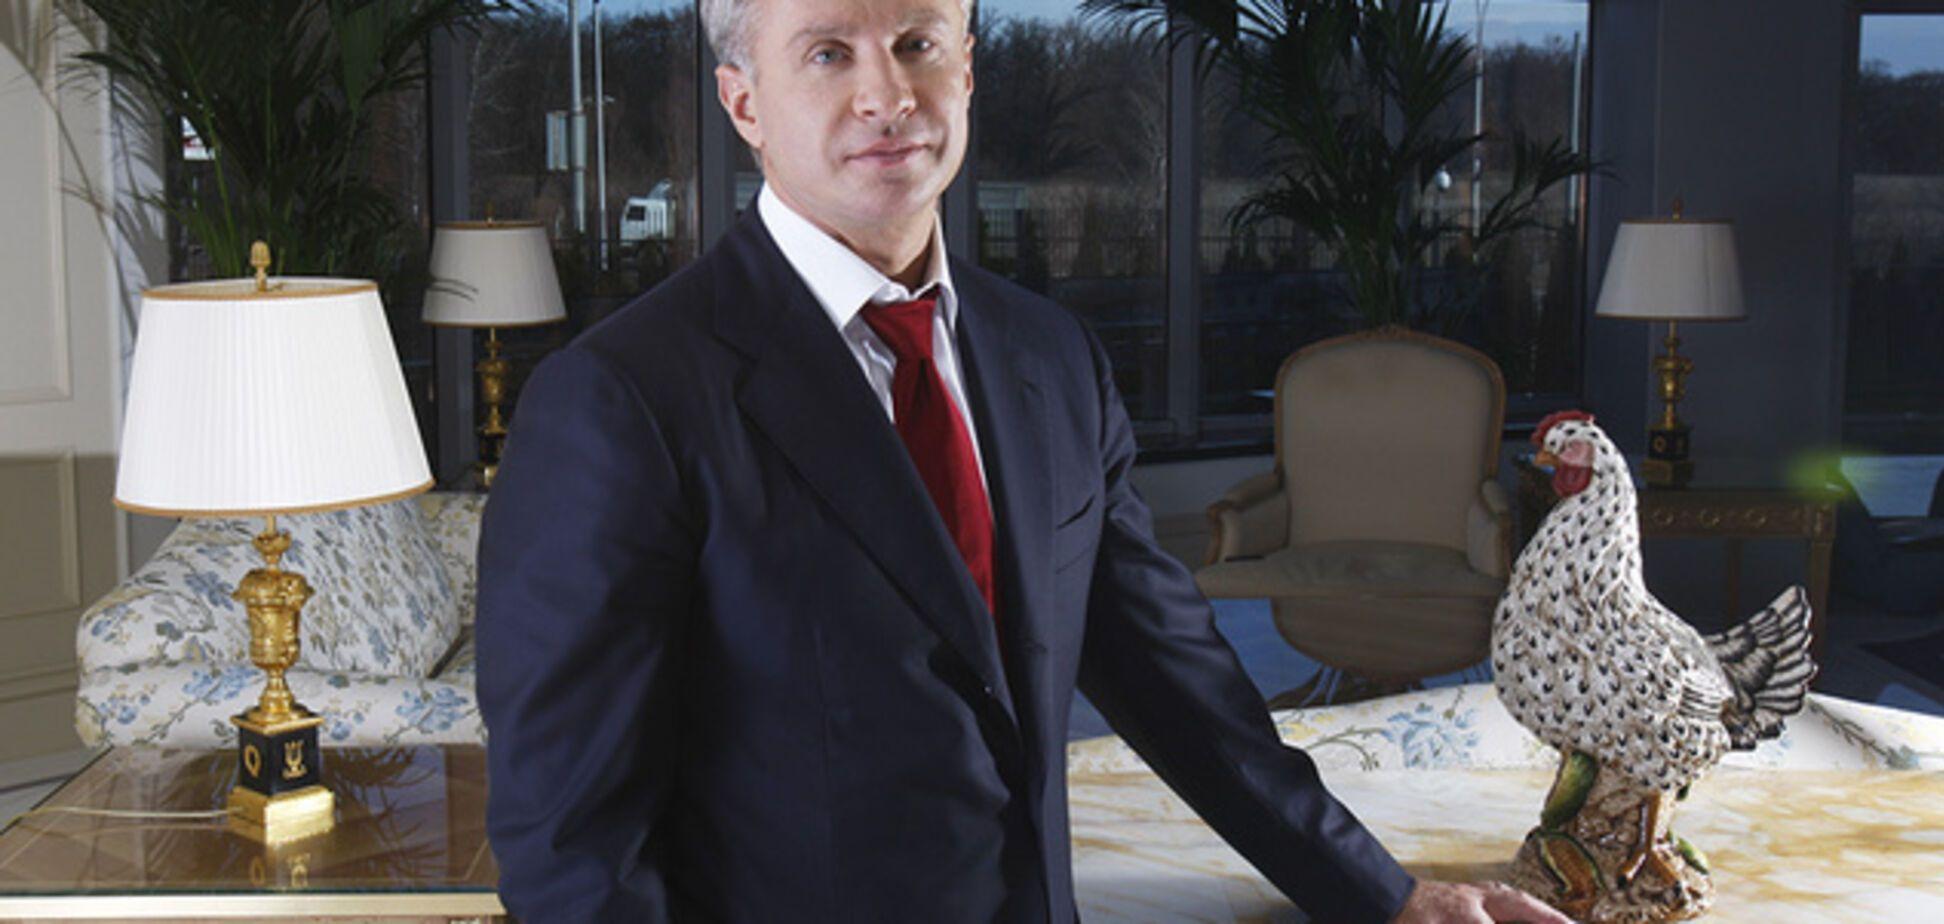 Золотые яйца, или Чем шокировал французов украинский бизнесмен